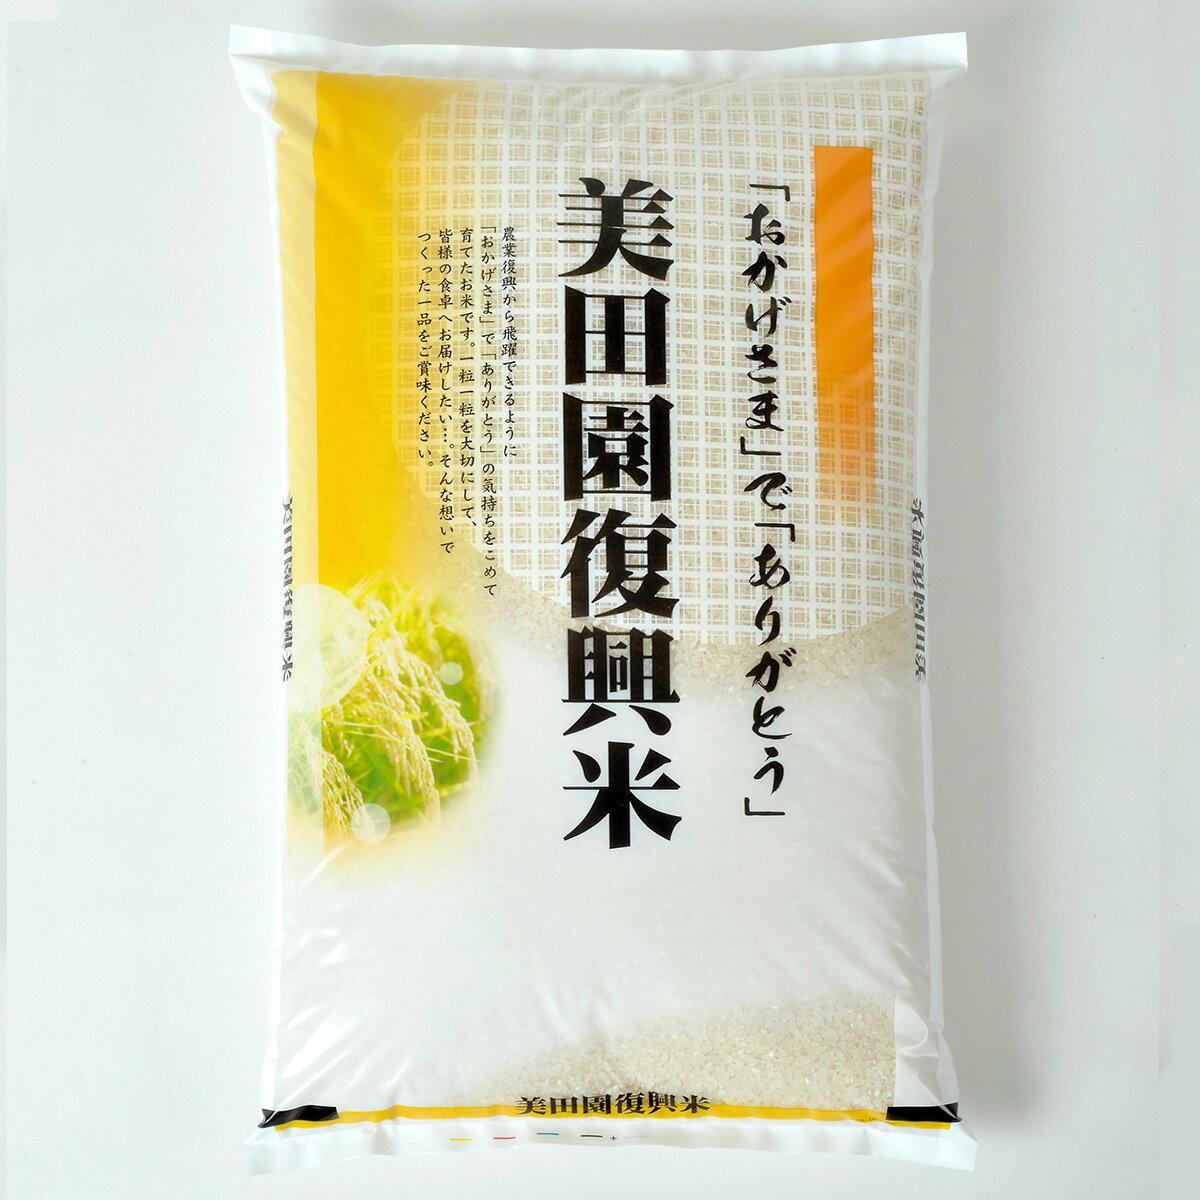 【ふるさと納税】平成30年度産新米!美田園復興米ササニシキ 8kg 玄米も対応します